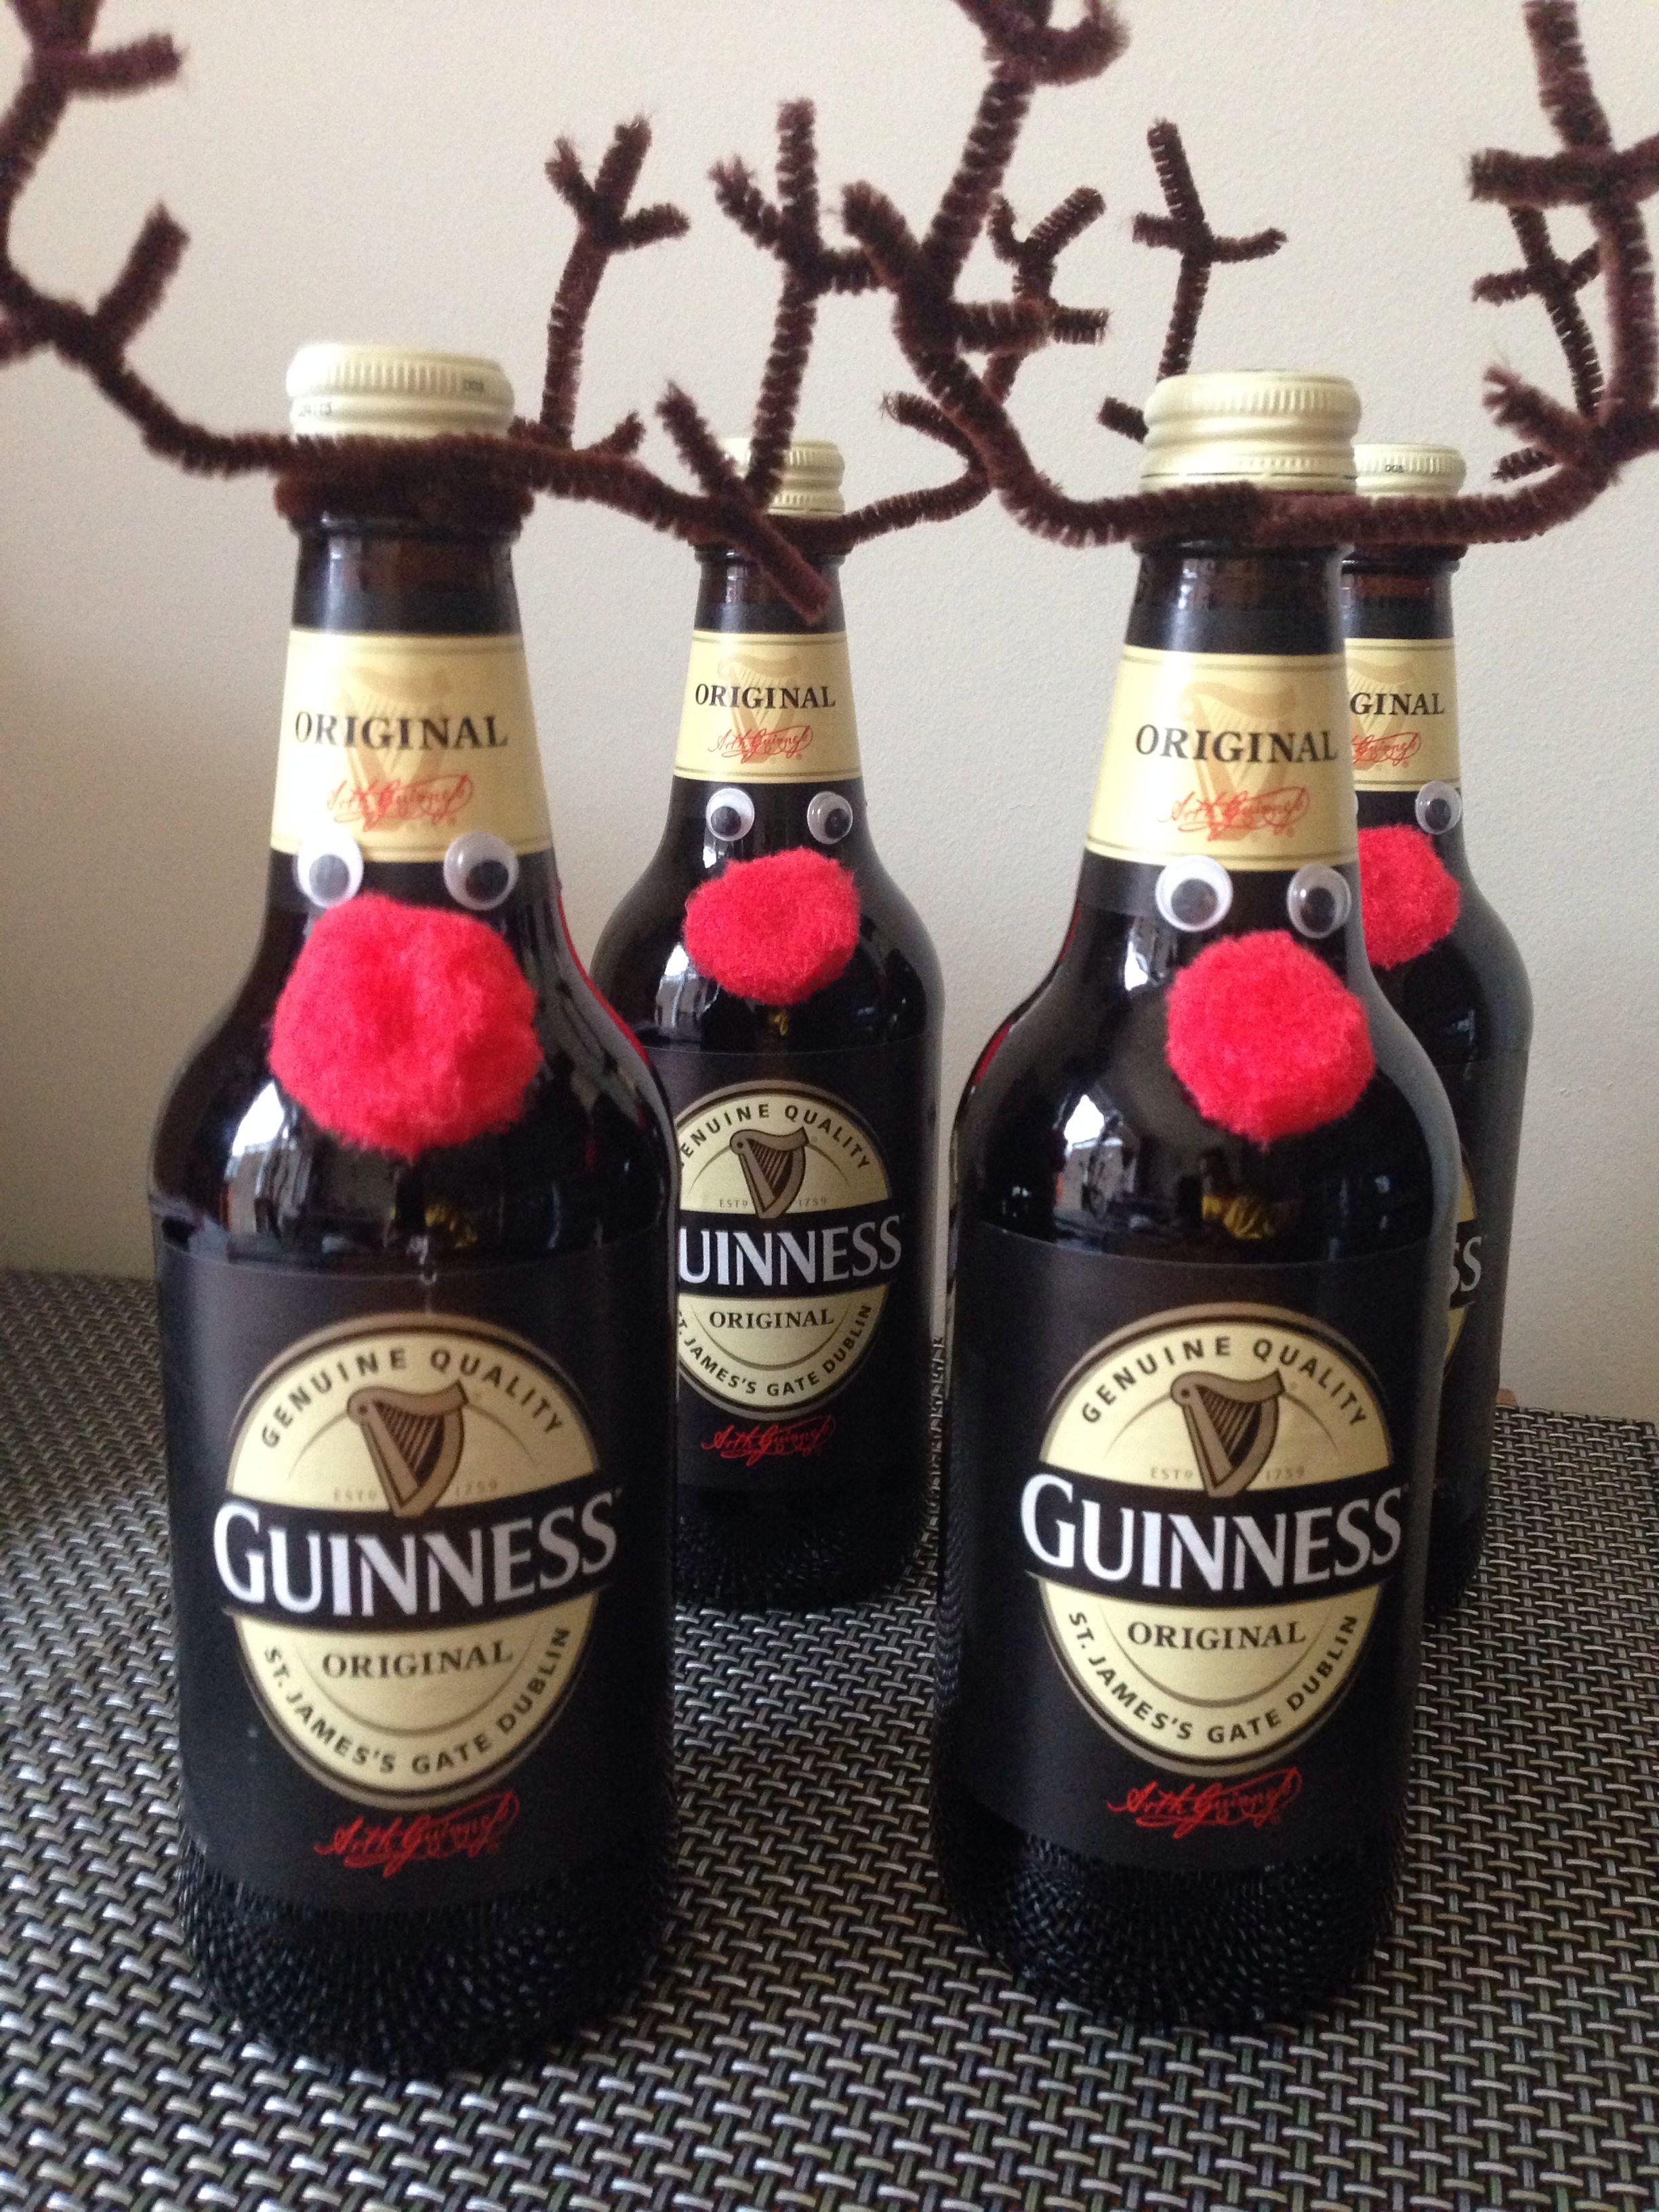 Made these @ Xmas. Enough to cheer up any bah humbug!